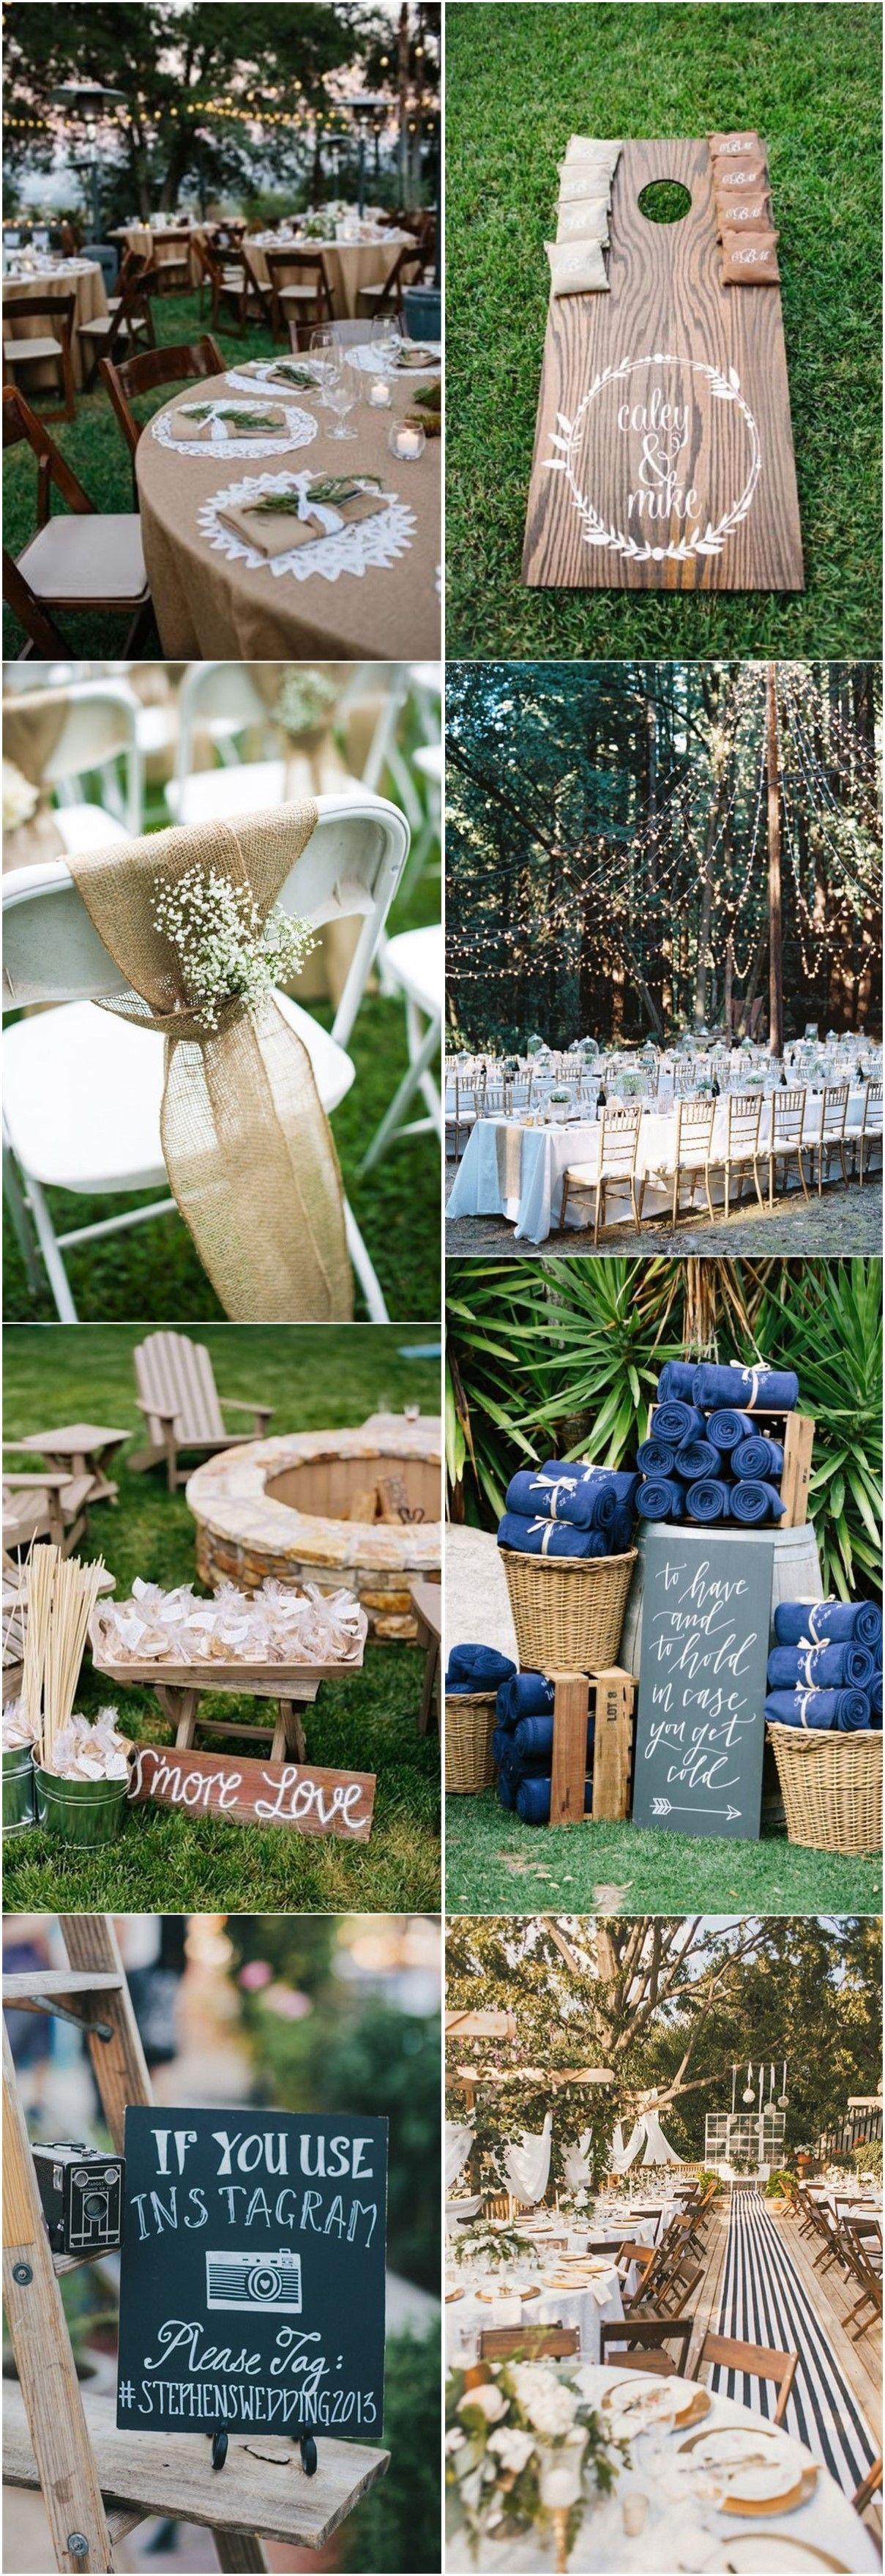 Wedding decor ideas 2018   Rustic Backyard Wedding Decoration Ideas on A Budget in